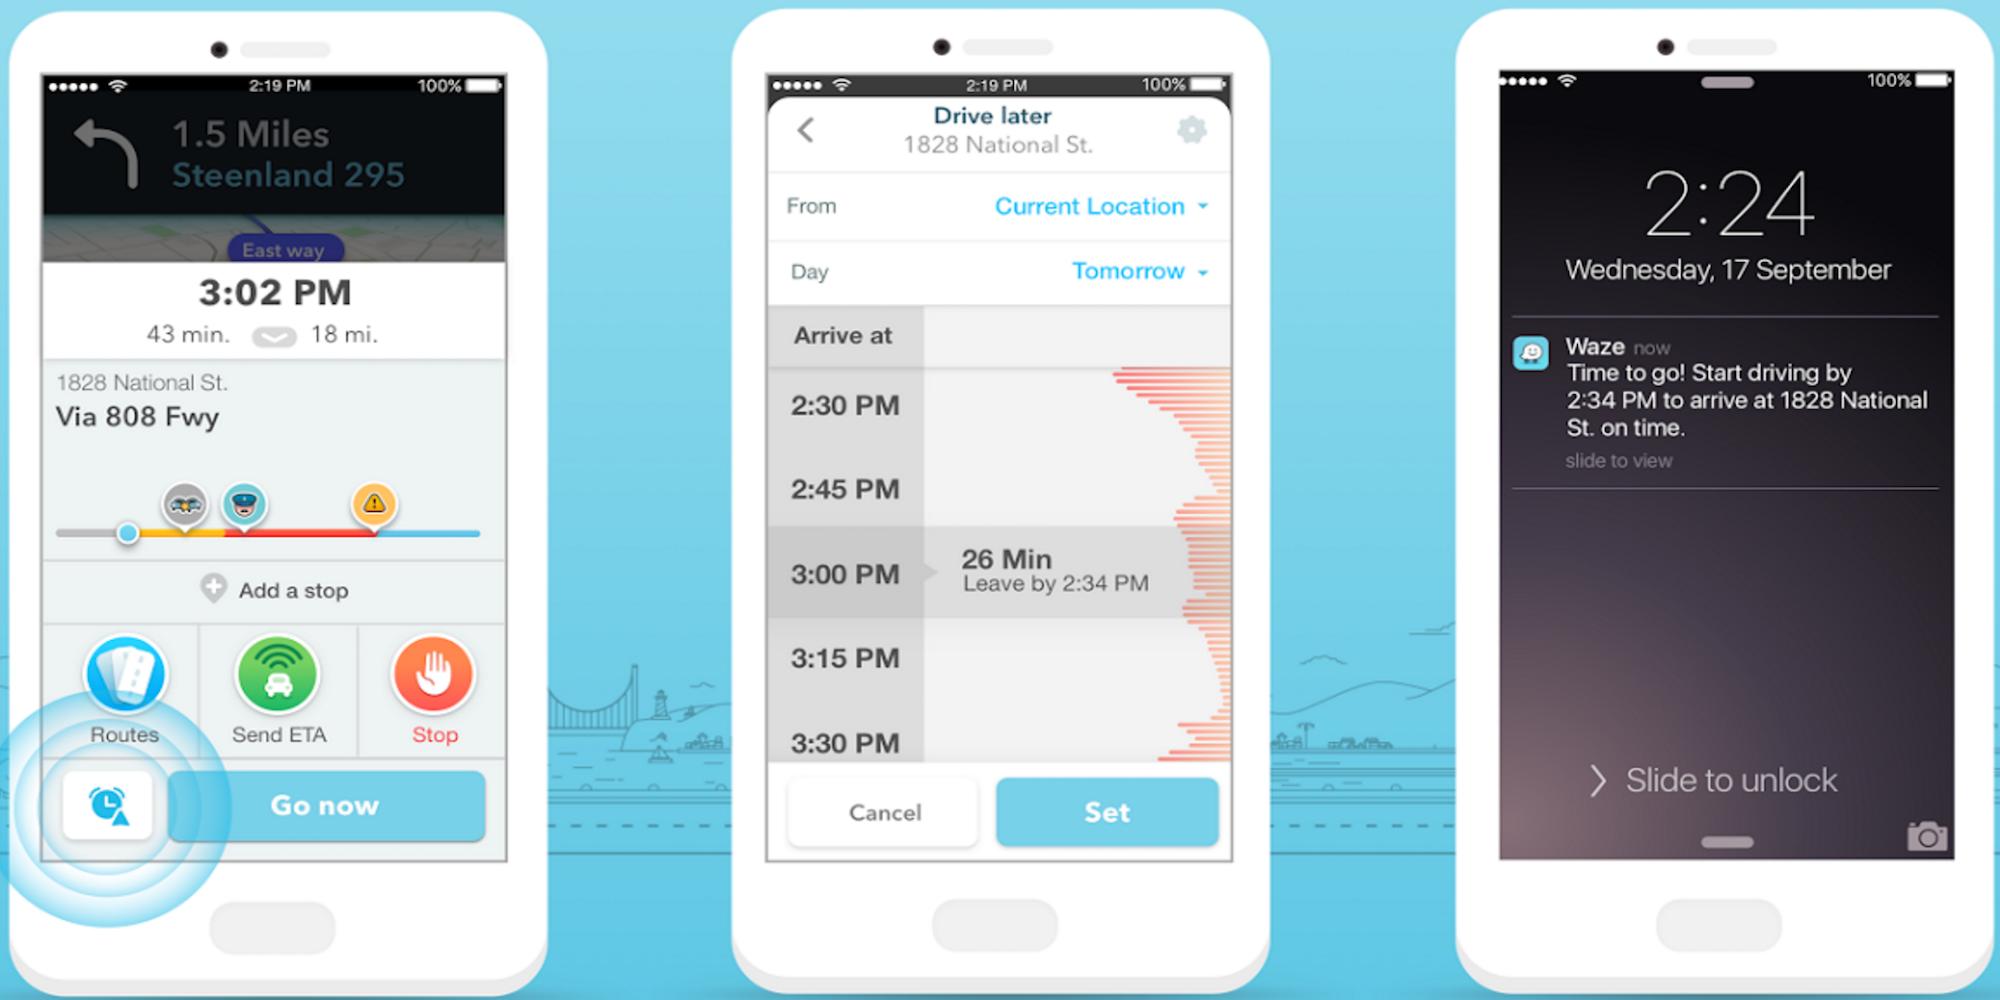 Waze-planned-drives